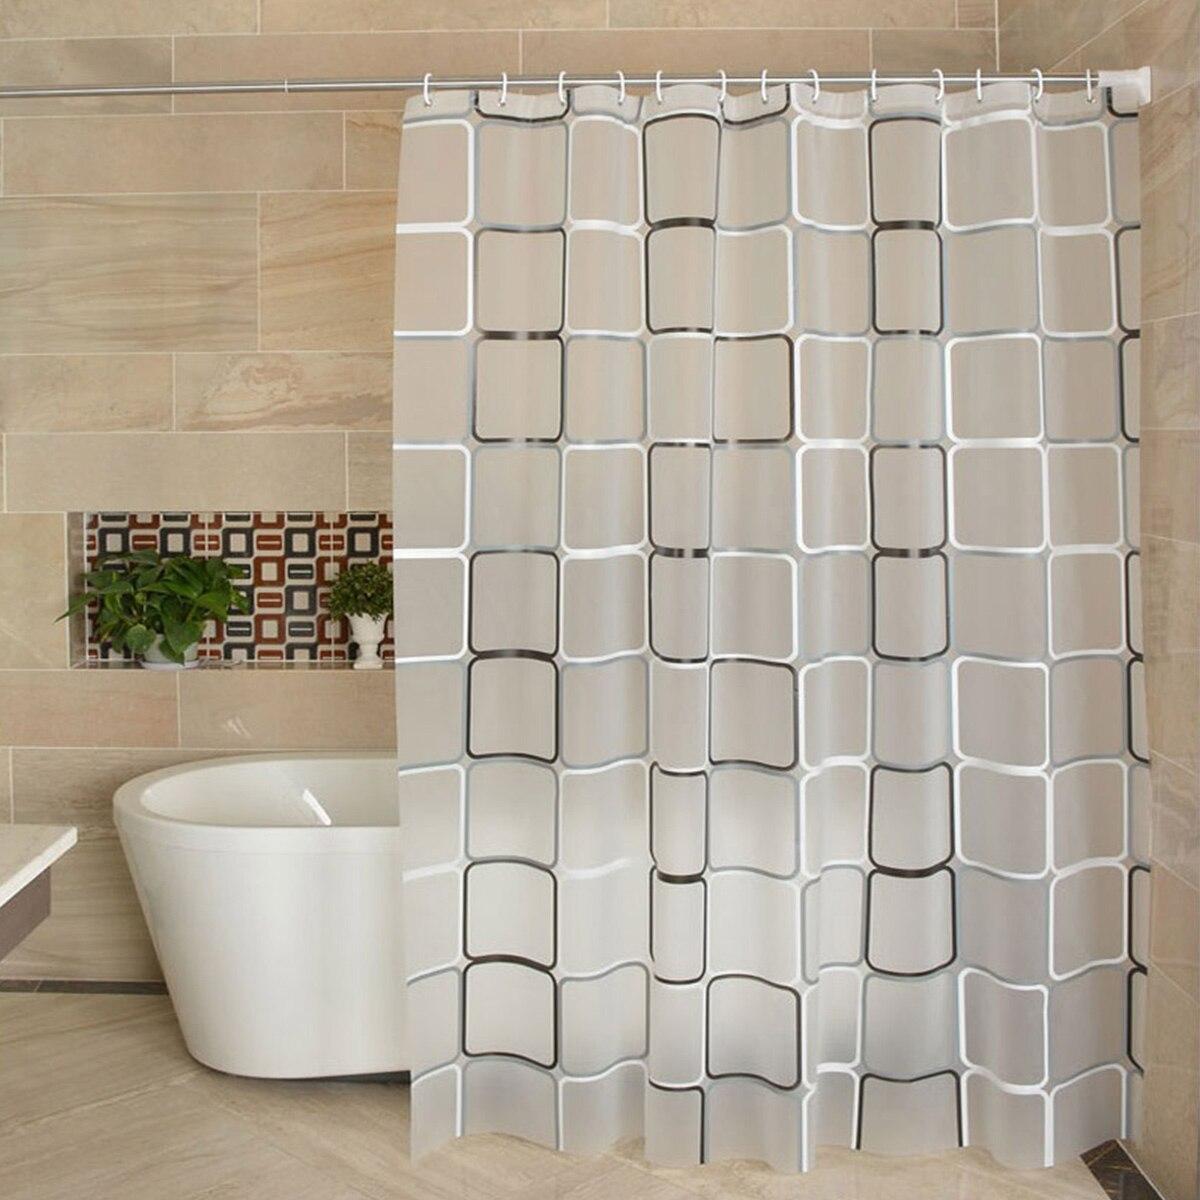 Wasserdicht Polyester Dusche Vorhang Liner Transluzenten Mehltau PEVA Vorhang Für Badezimmer Dusche Vorhang Mit 12 Hohe Qualität Haken